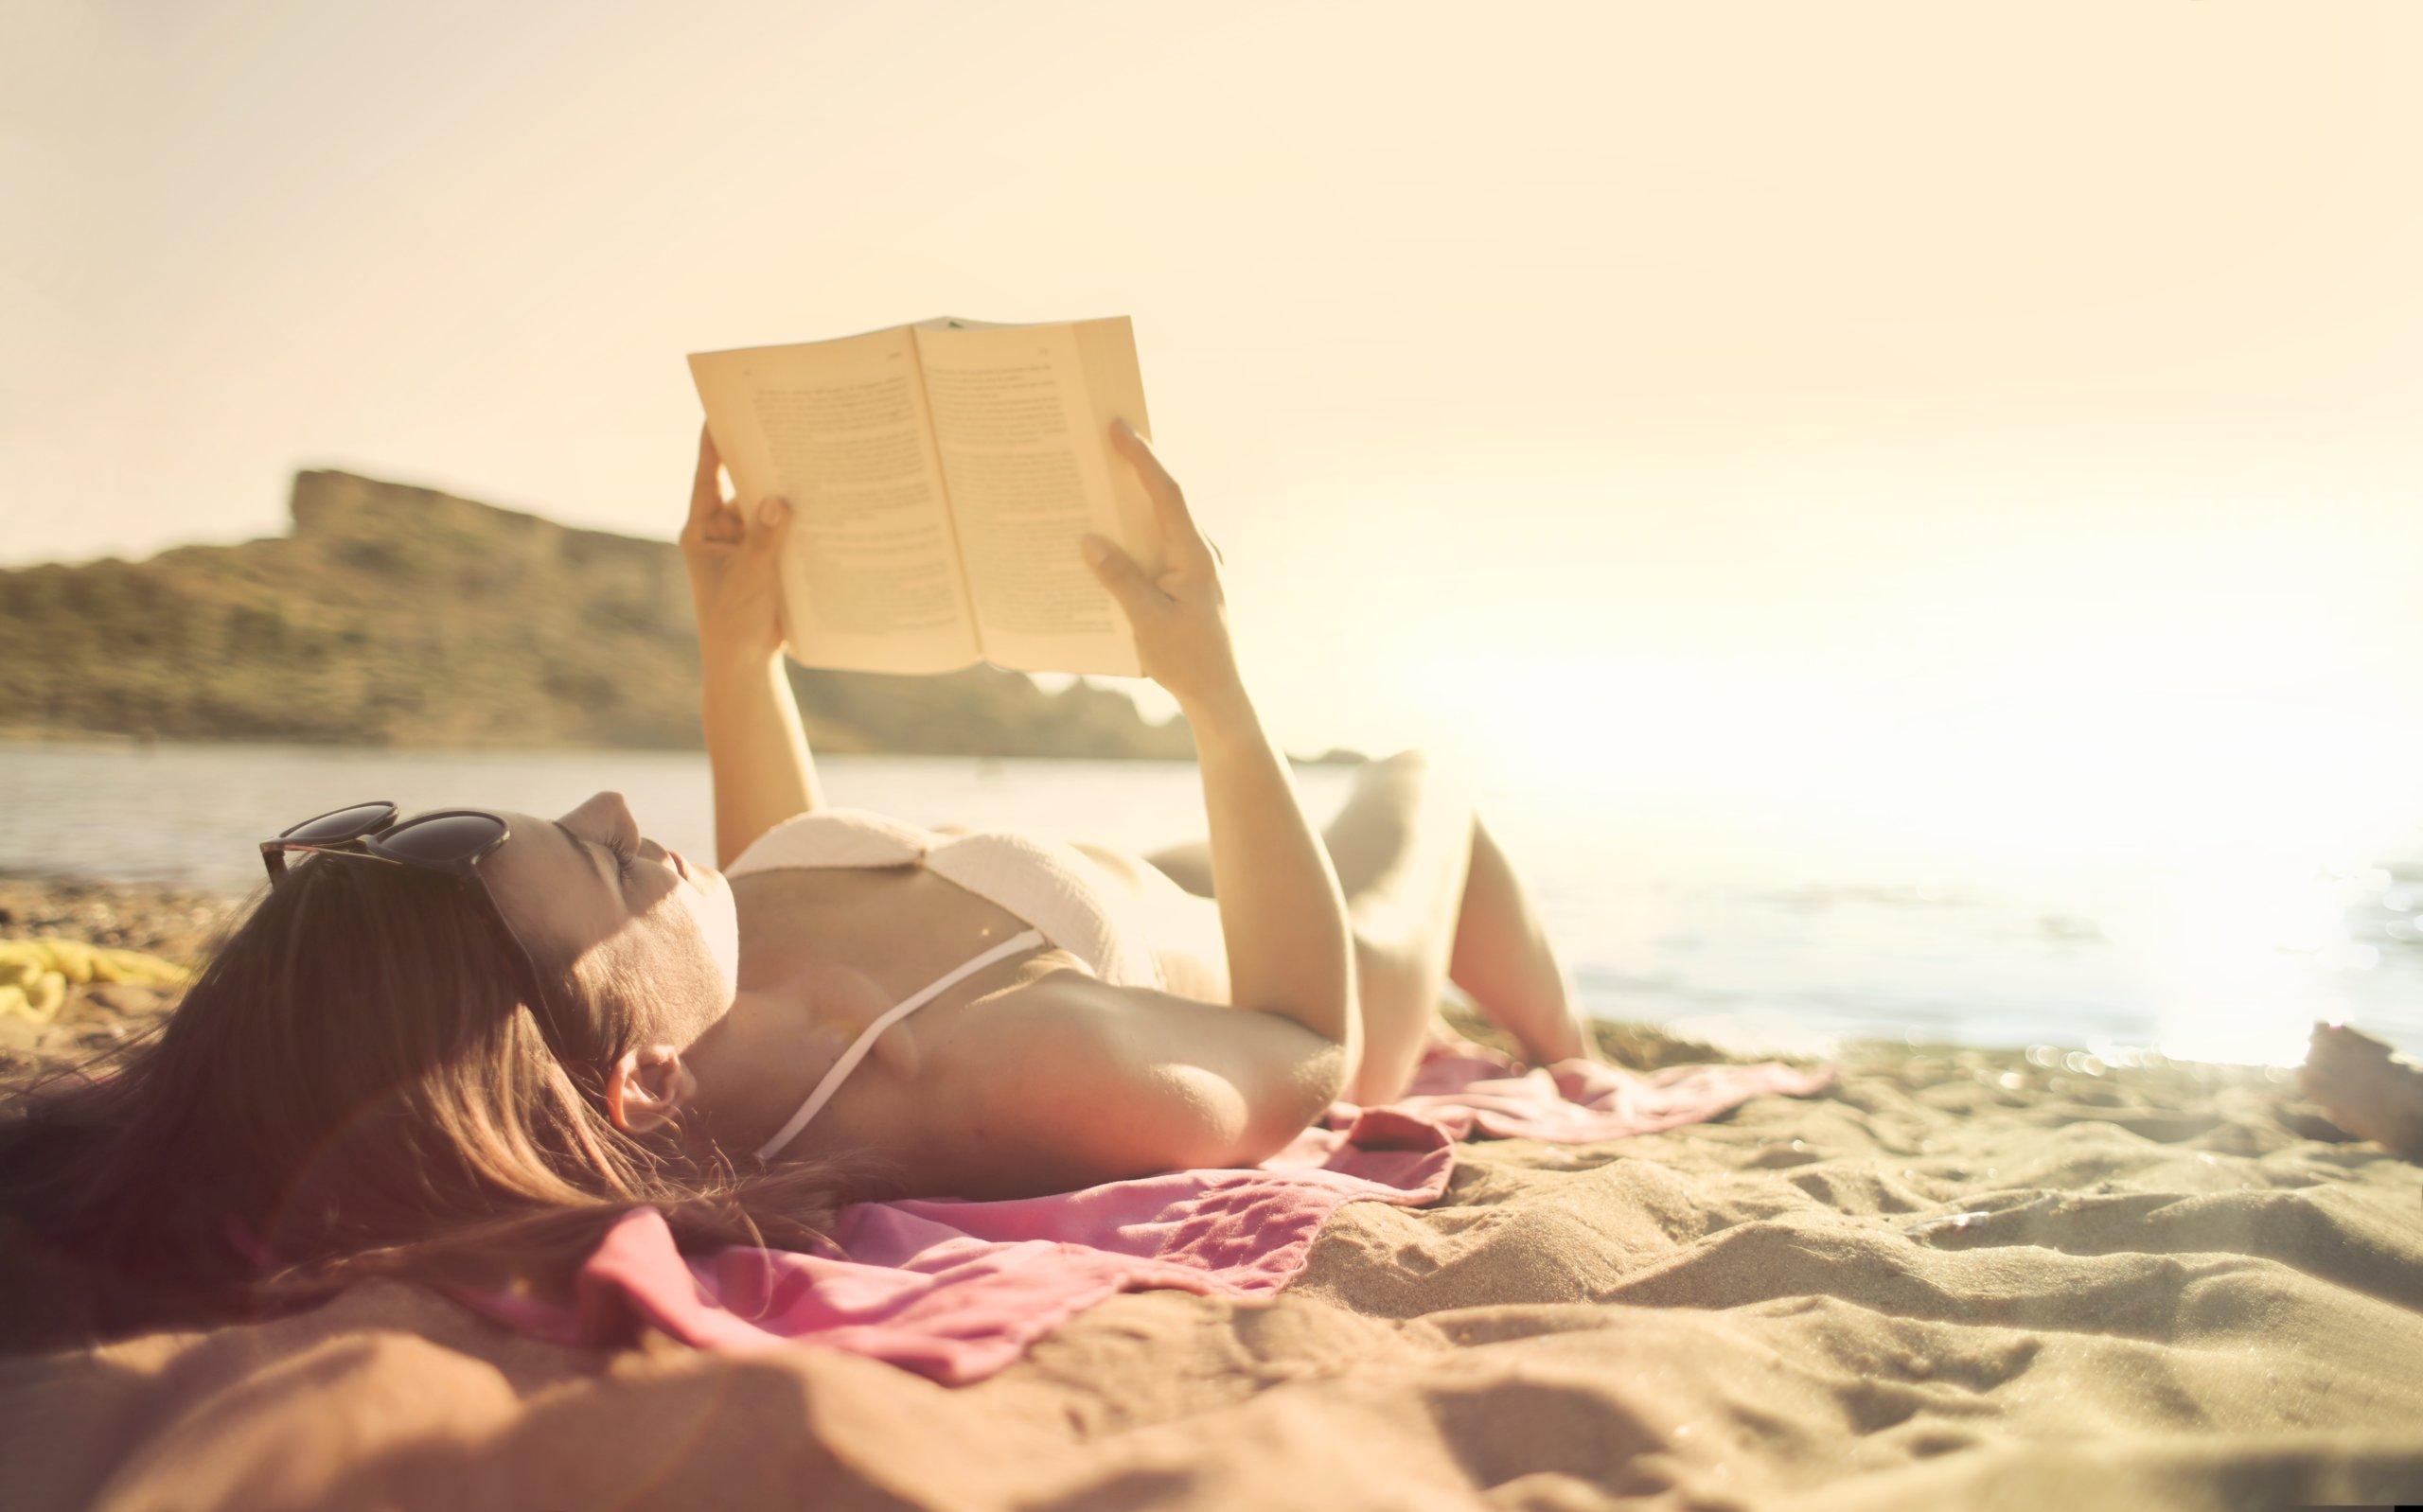 Kad izležavanje postane dosadno: 23 stvari koje možete raditi na plaži, uz plivanje i sunčanje